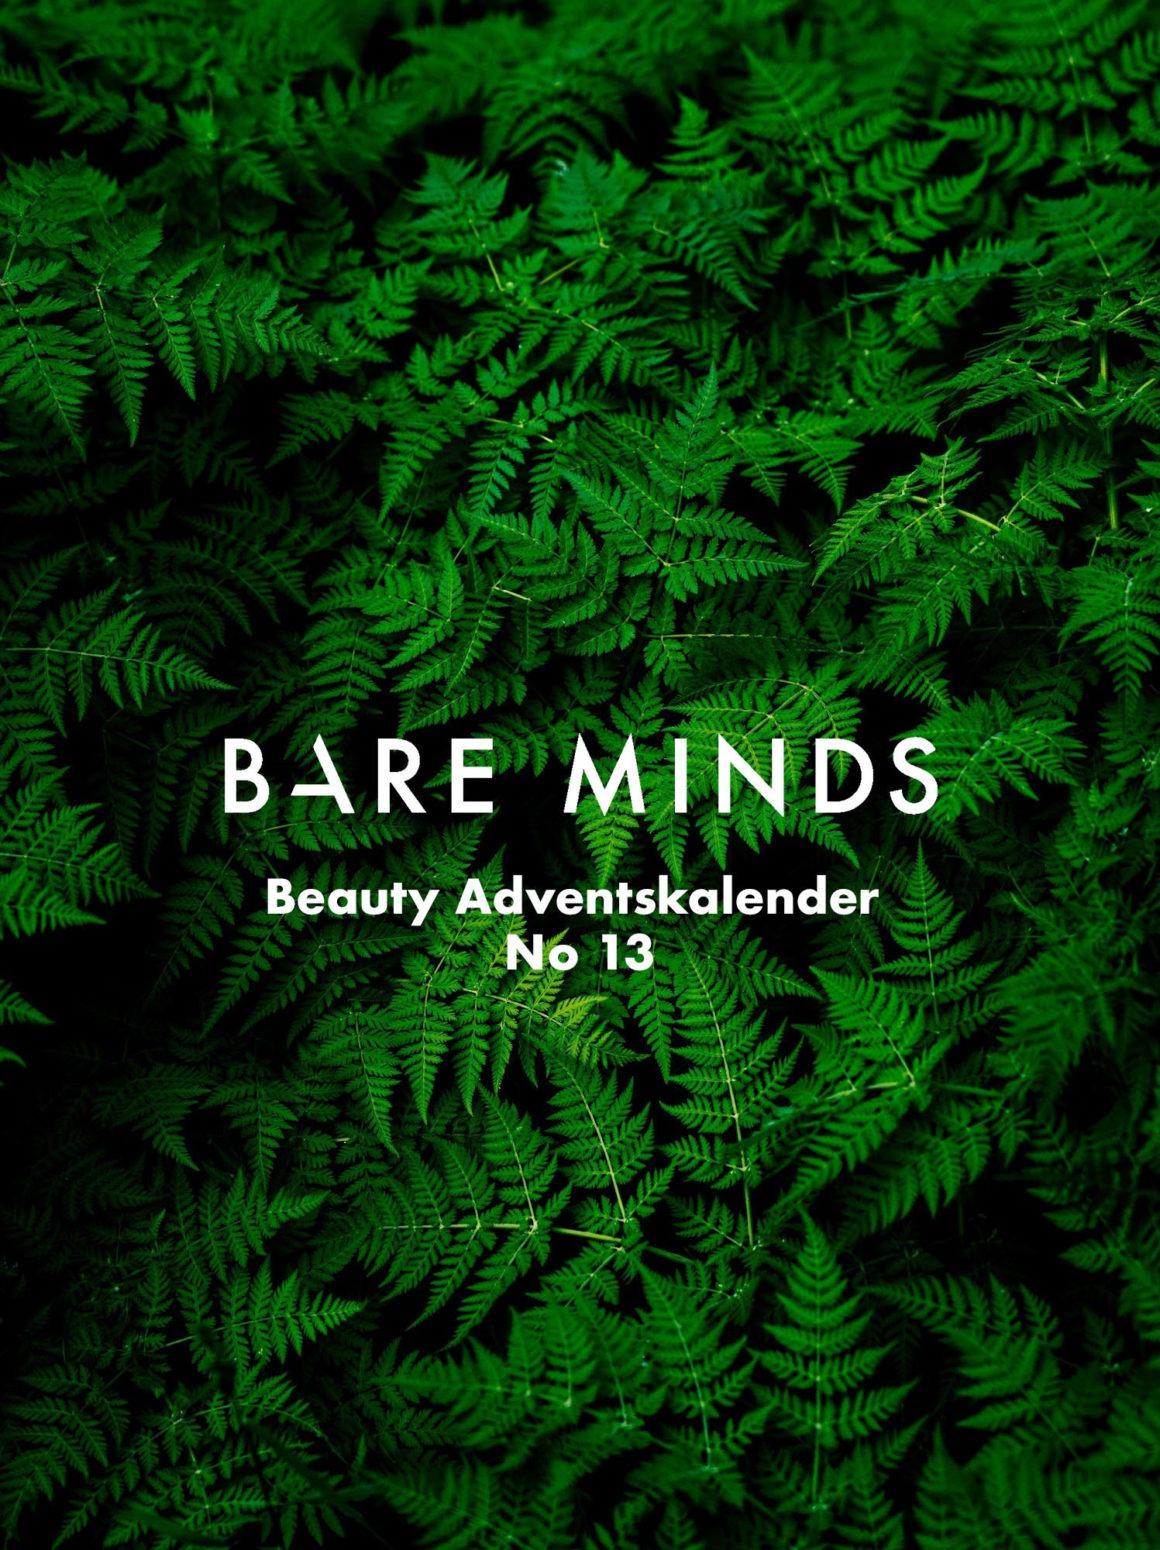 Bare Minds Beauty Adventskalender 2019 013_